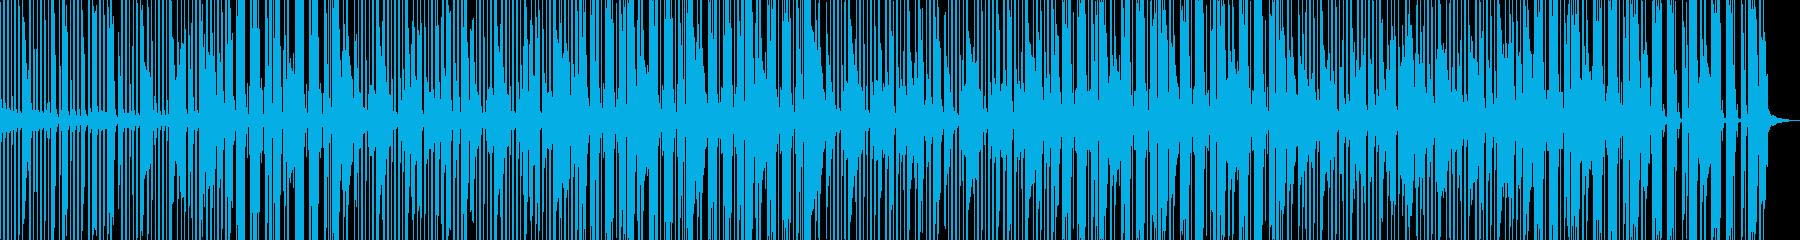 ピアノとブラスの軽快なビバップの再生済みの波形